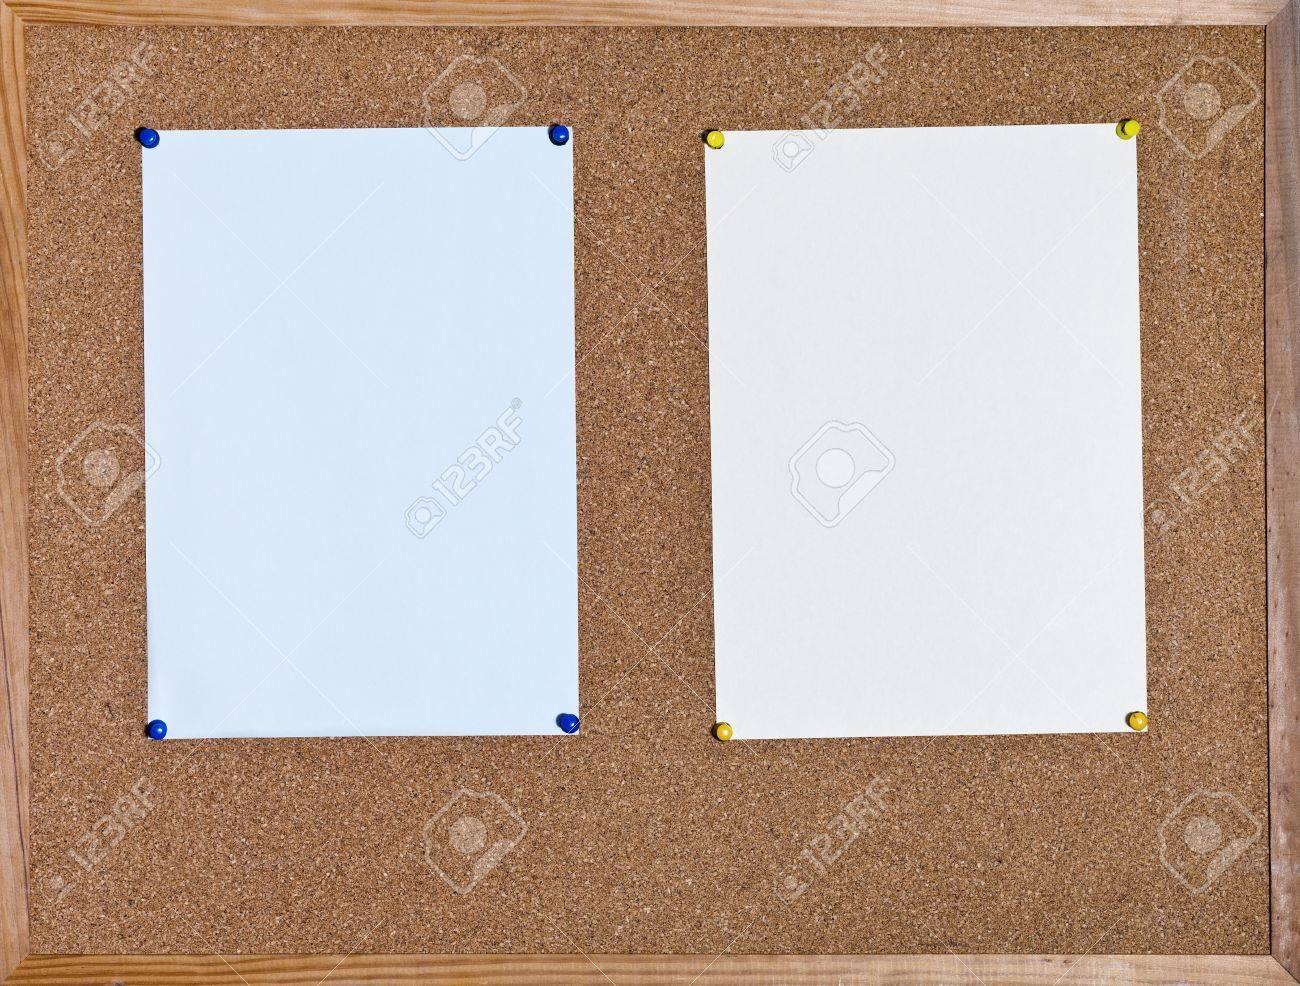 Blaue Und Gelbe Blätter Papier Auf Kork Bord Im Holzrahmen ...